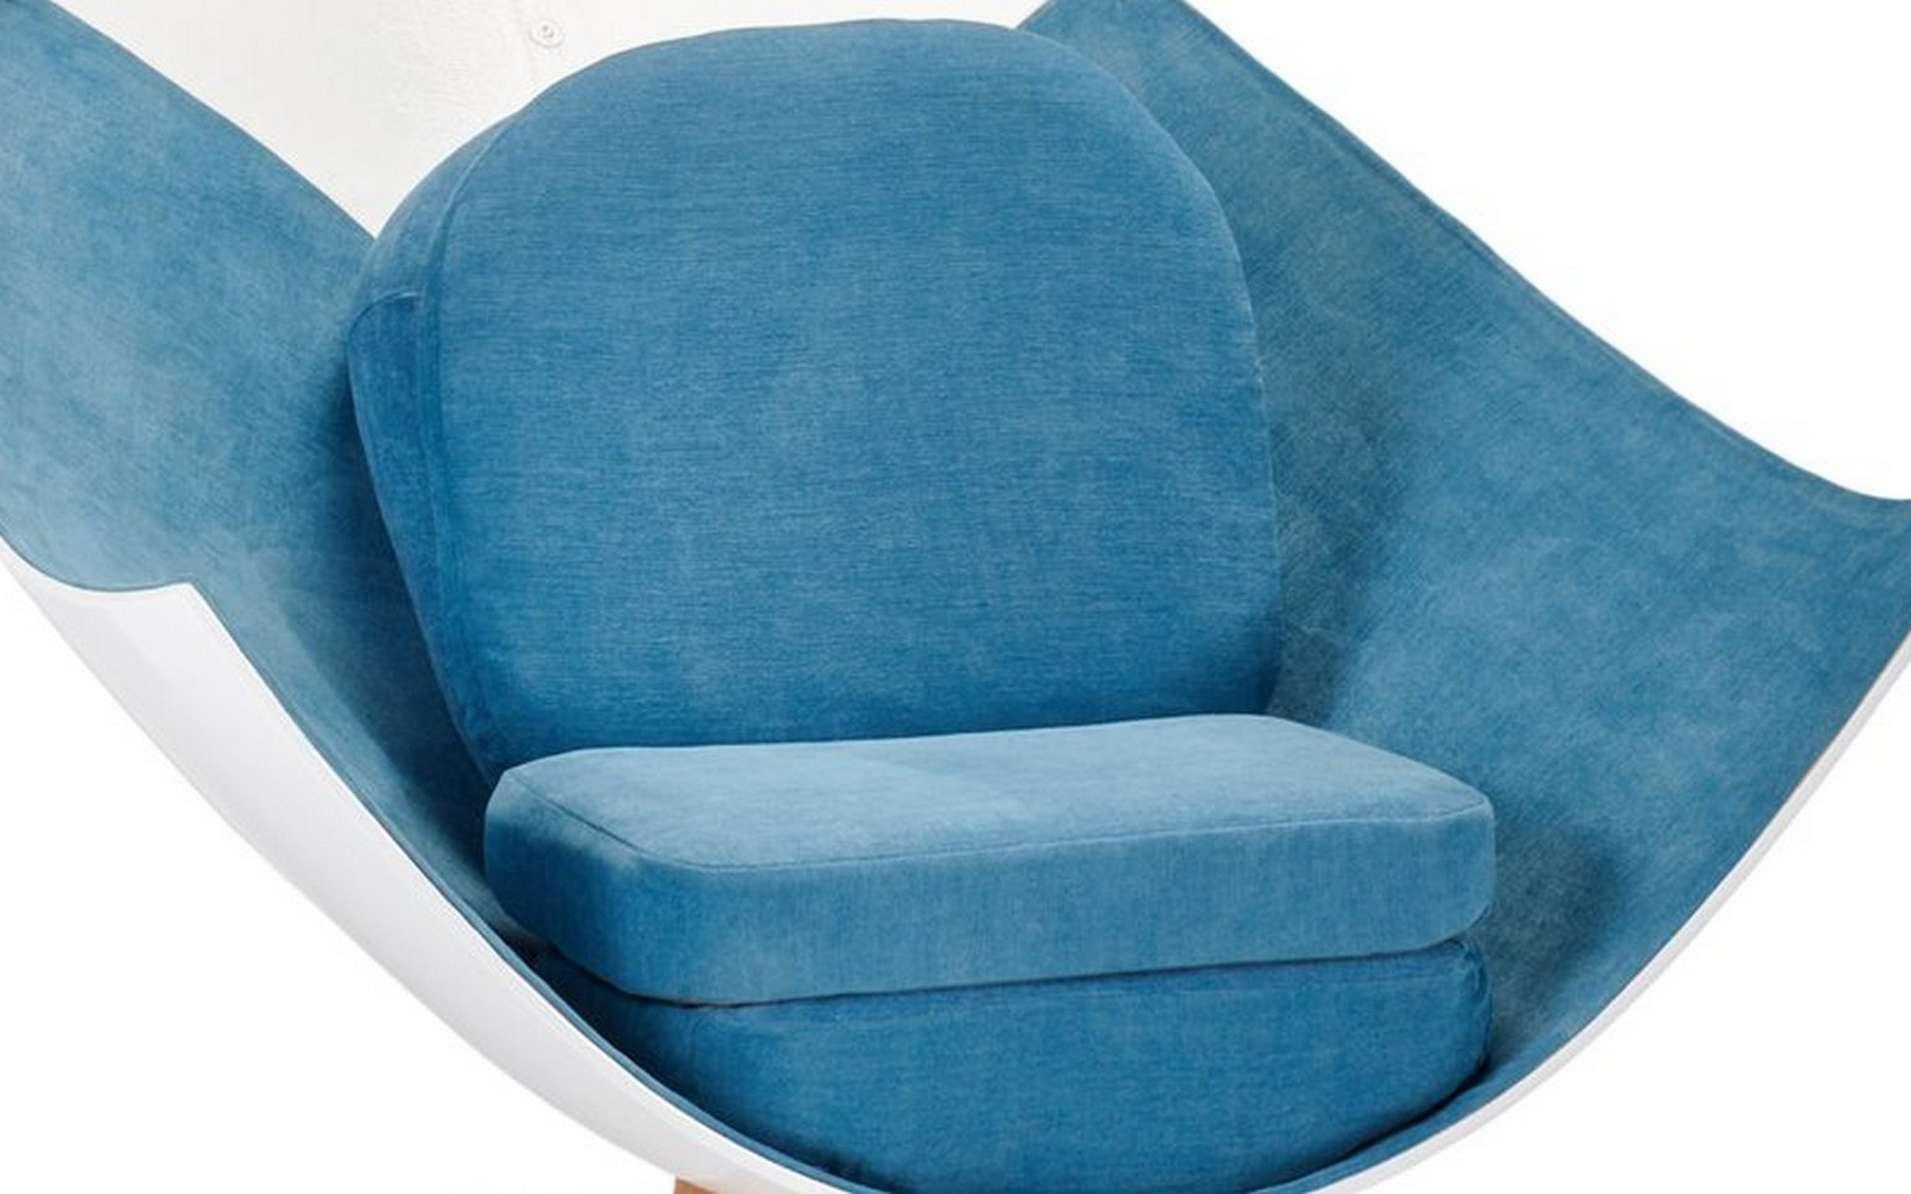 Le fauteuil Cloud réalisé à partir du nez d'un A350. © A Piece of Sky